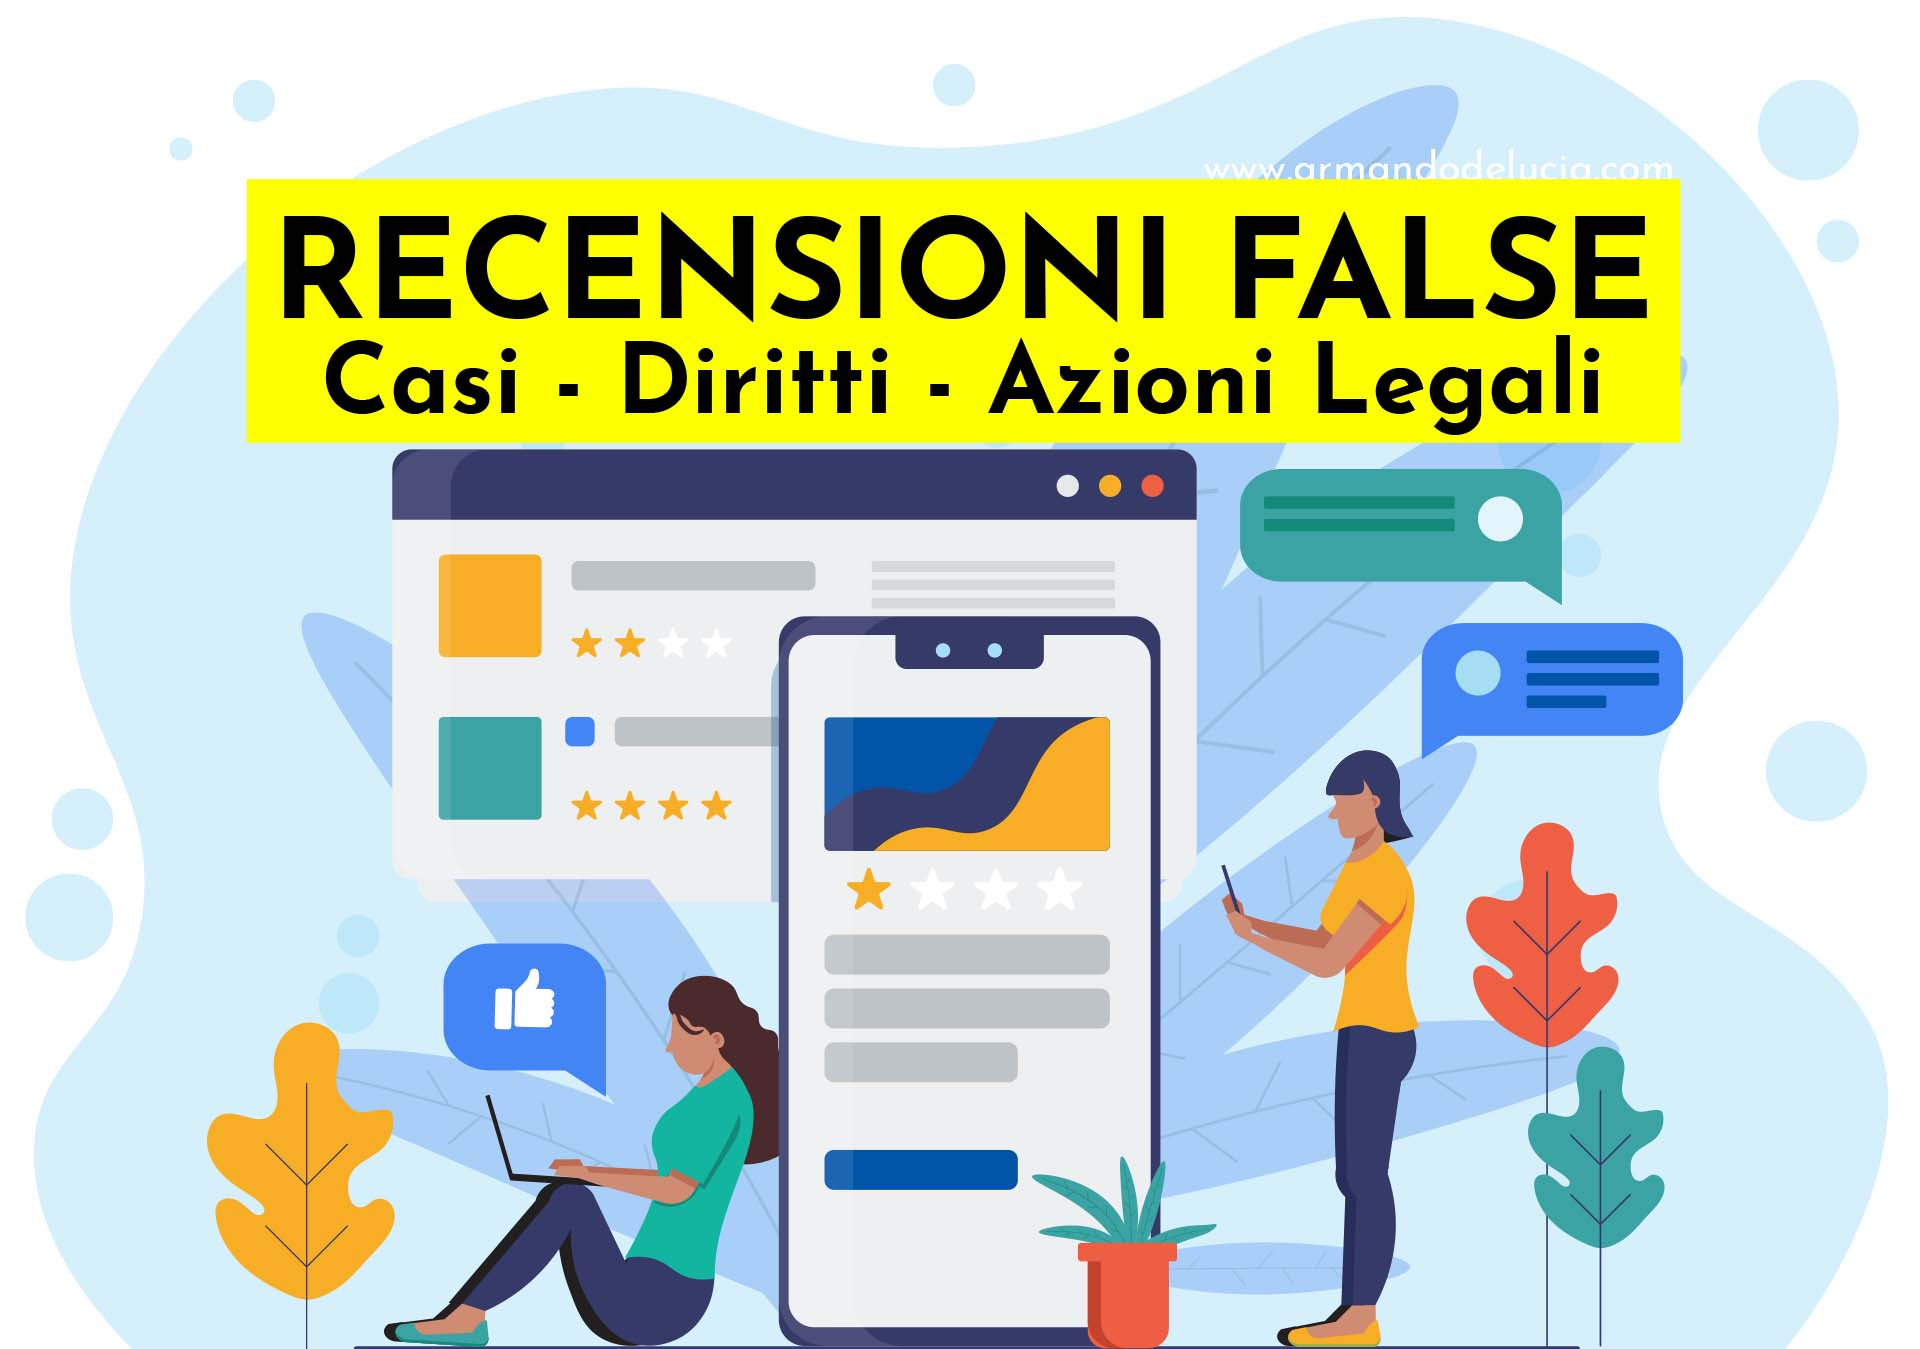 Recensioni false casi, diritti e tutele per e-commerce e imprenditori digitali - Armando De Lucia - Legale Informatico - Avvocato